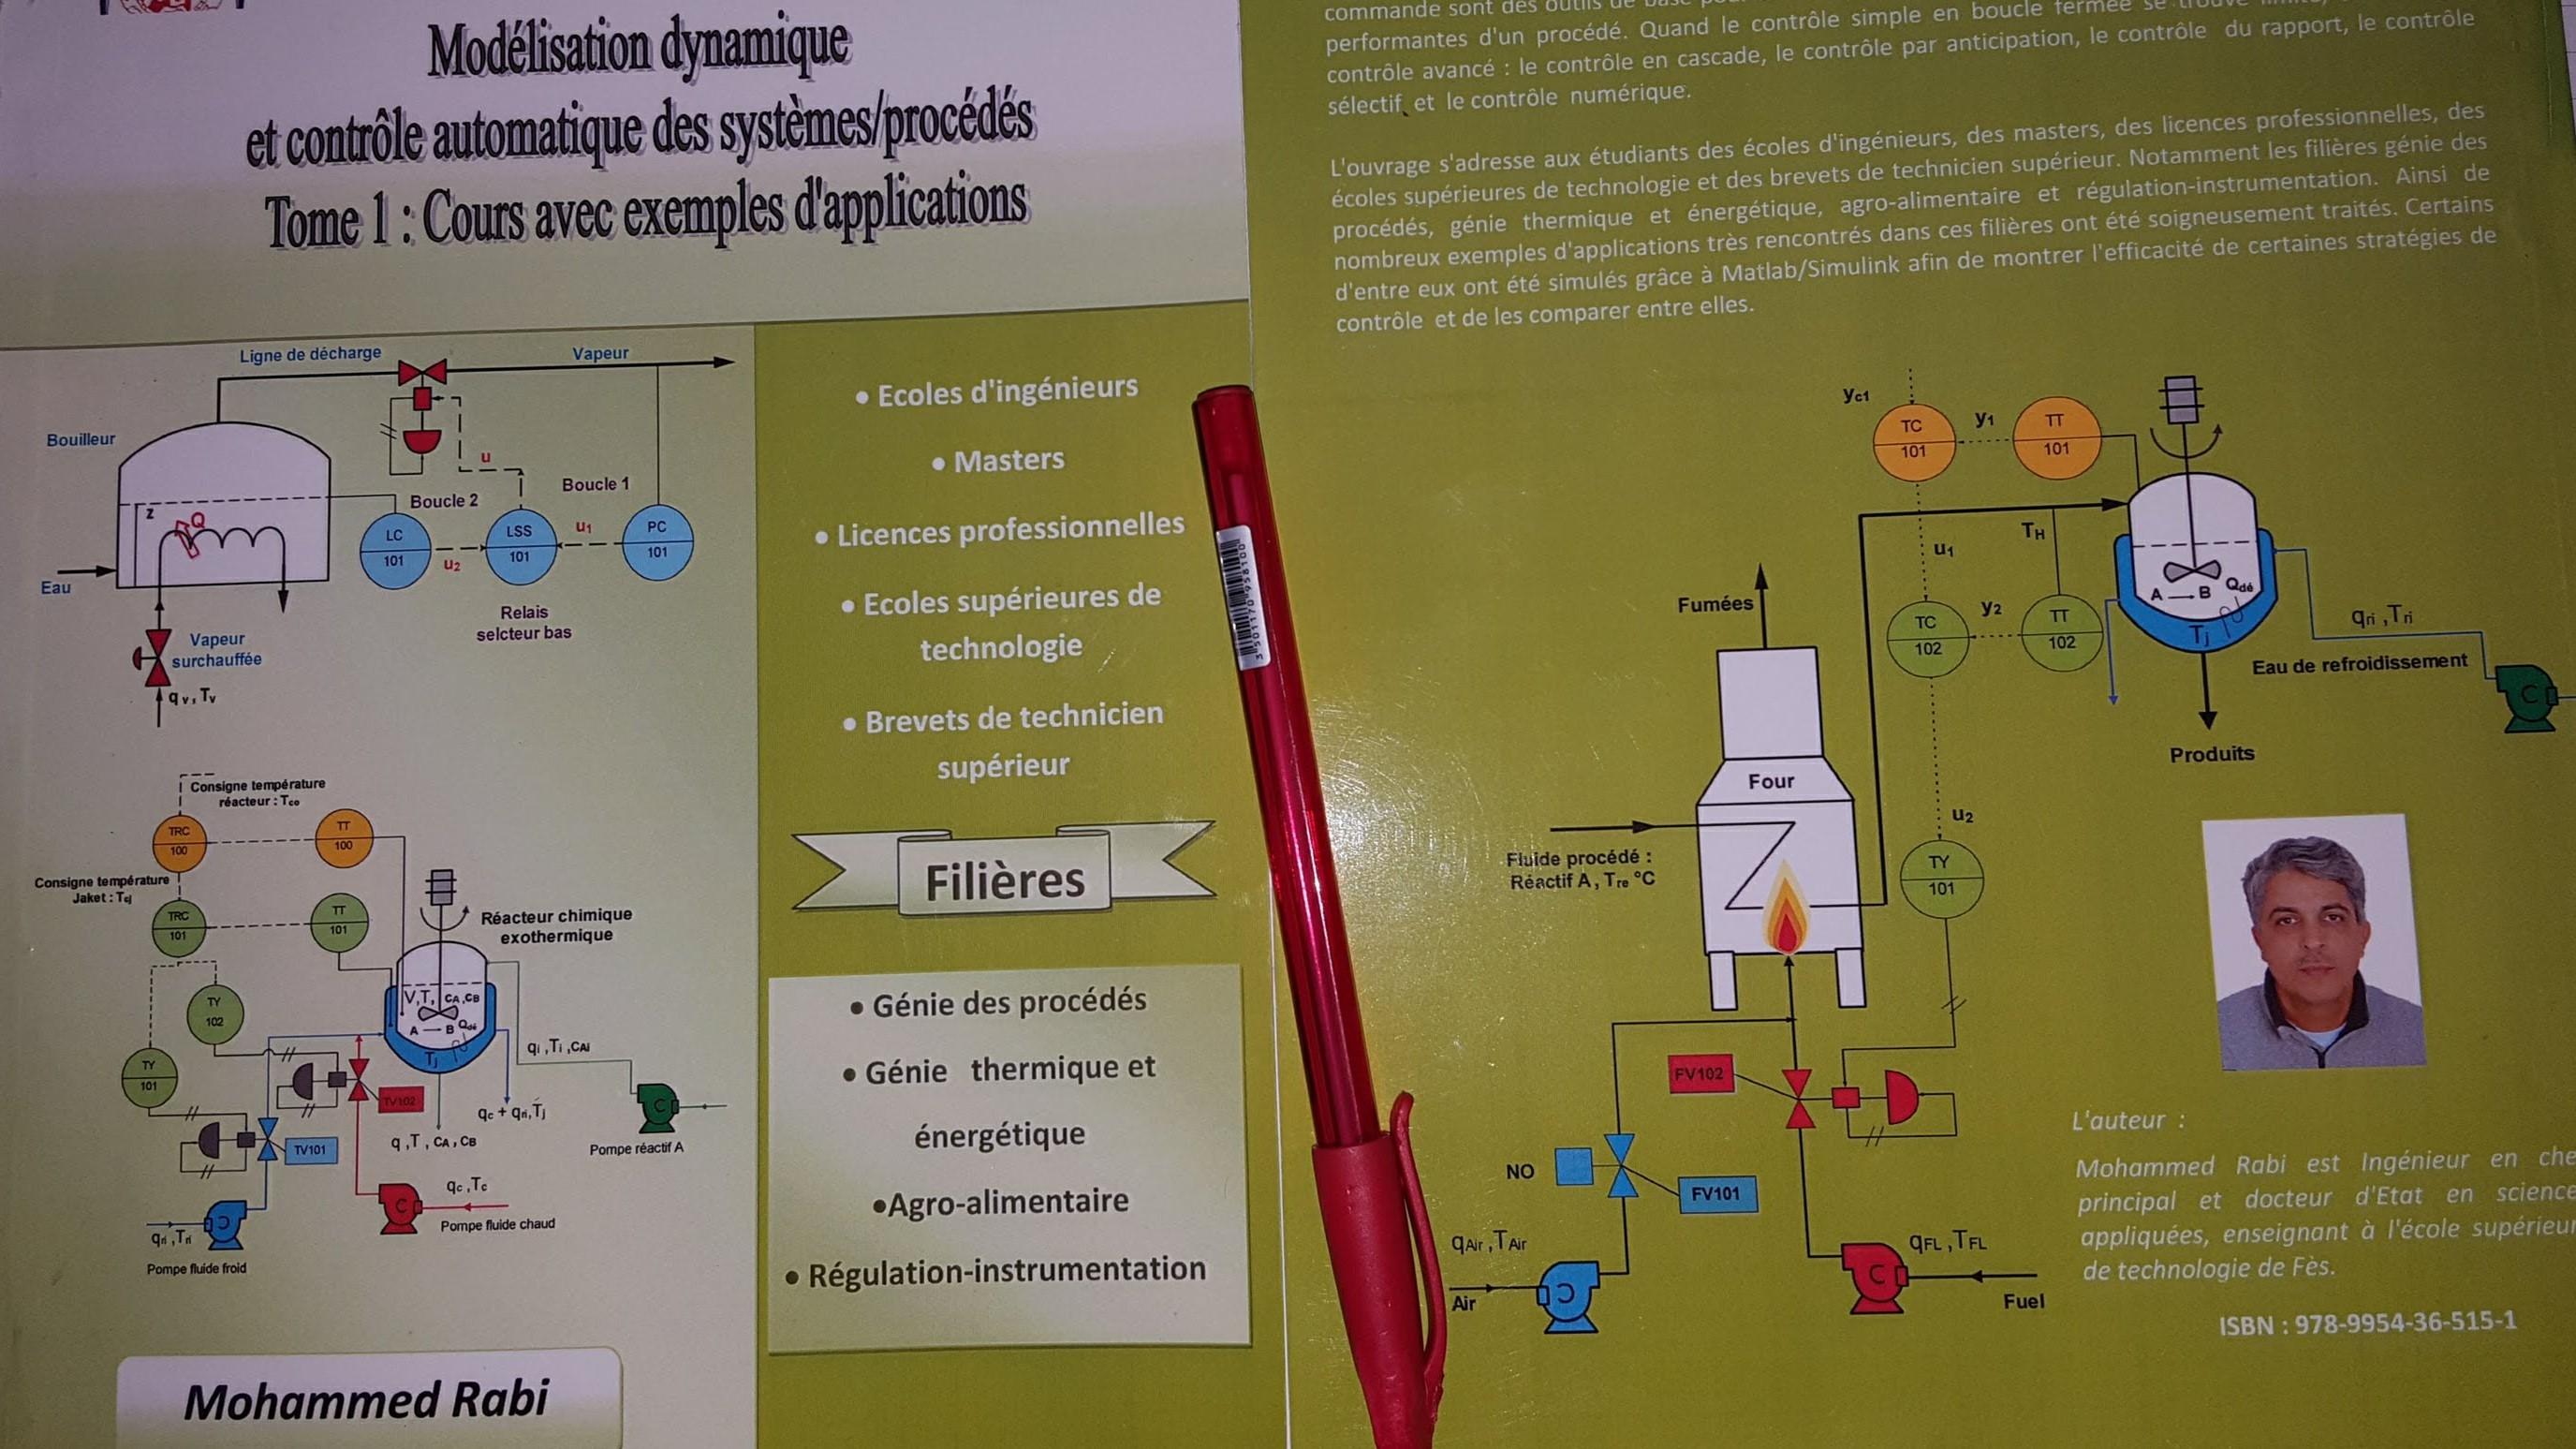 Modélisation Dynamique et Contrôle Automatique des Systèmes/Procédés  FiIlière GTE